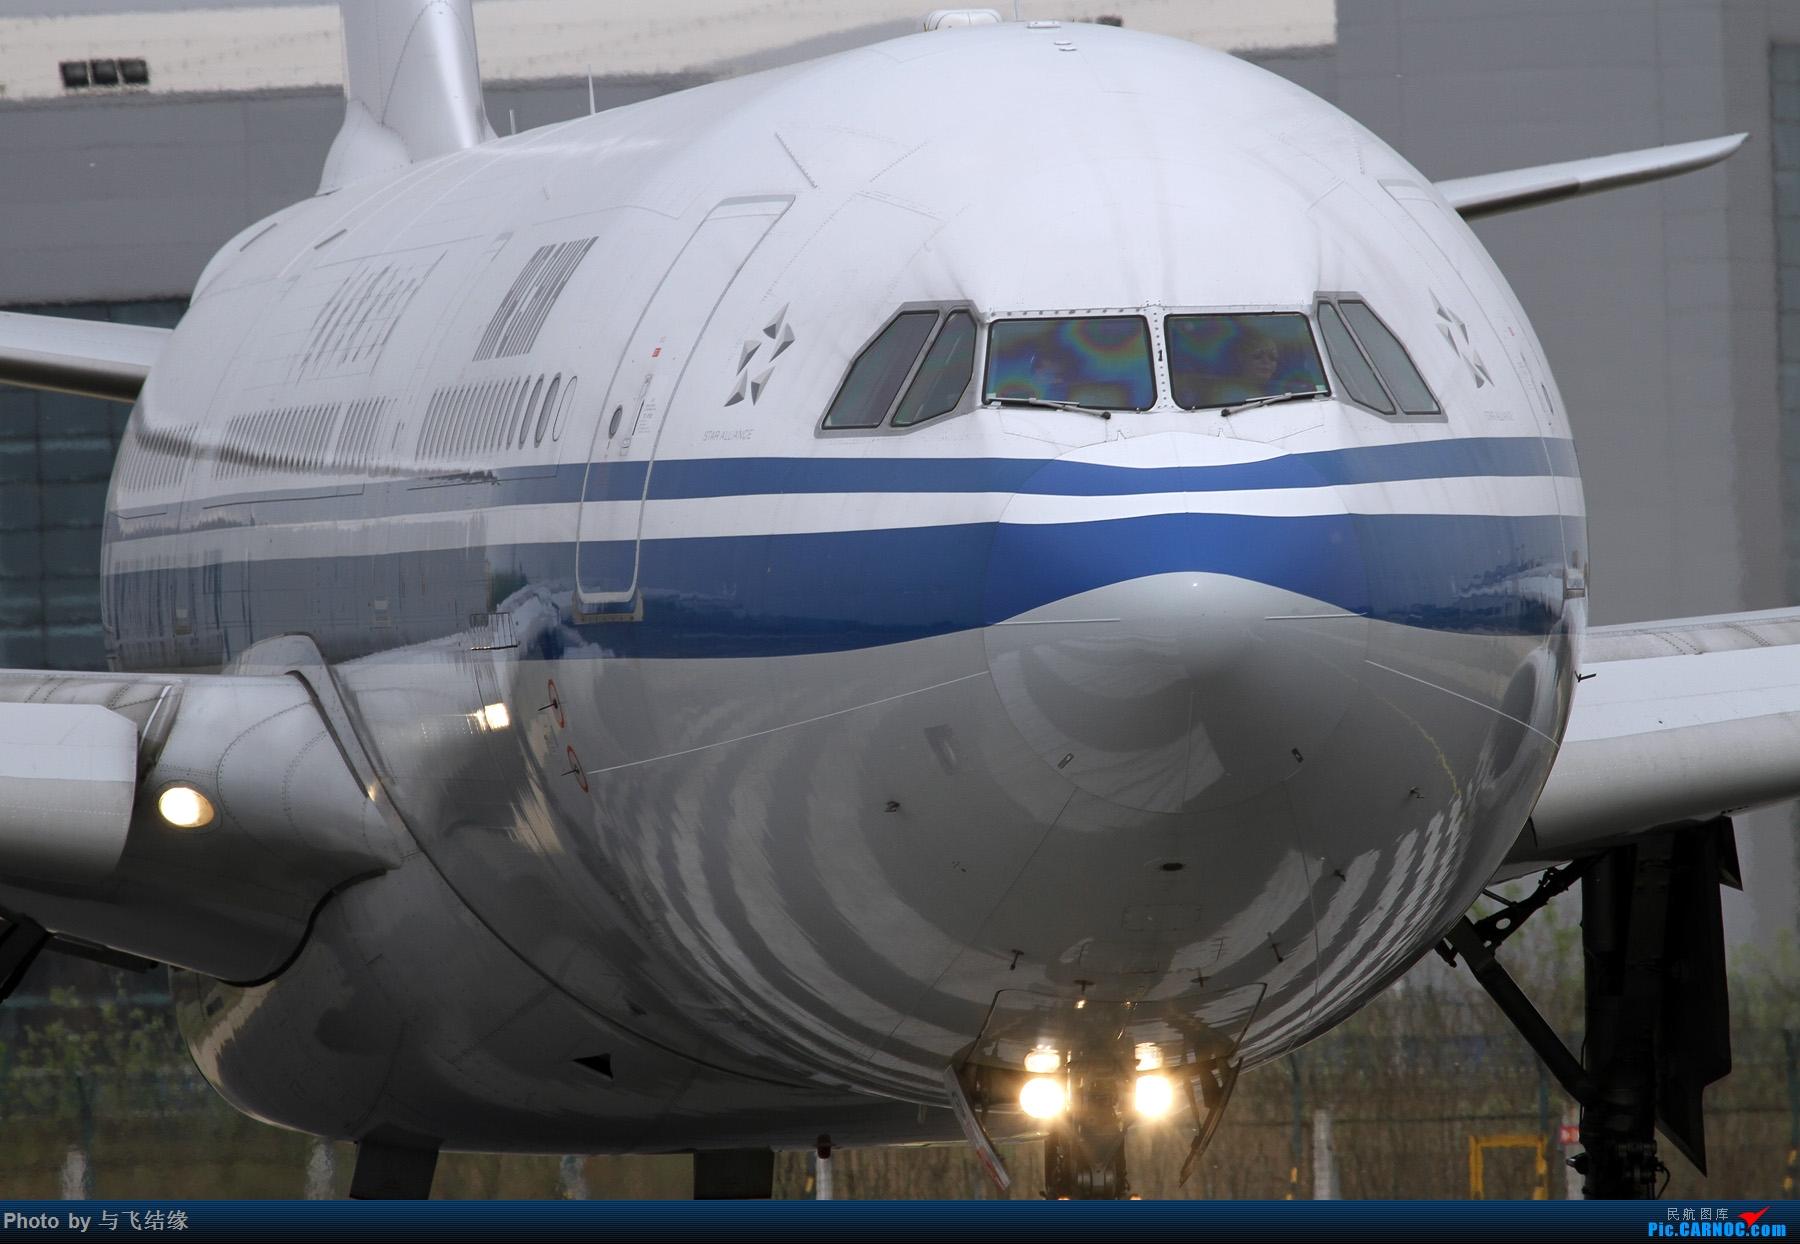 Re:[原创]明天三月三十日发几张空客330! AIRBUS A330-300 B-6513 中国北京首都国际机场